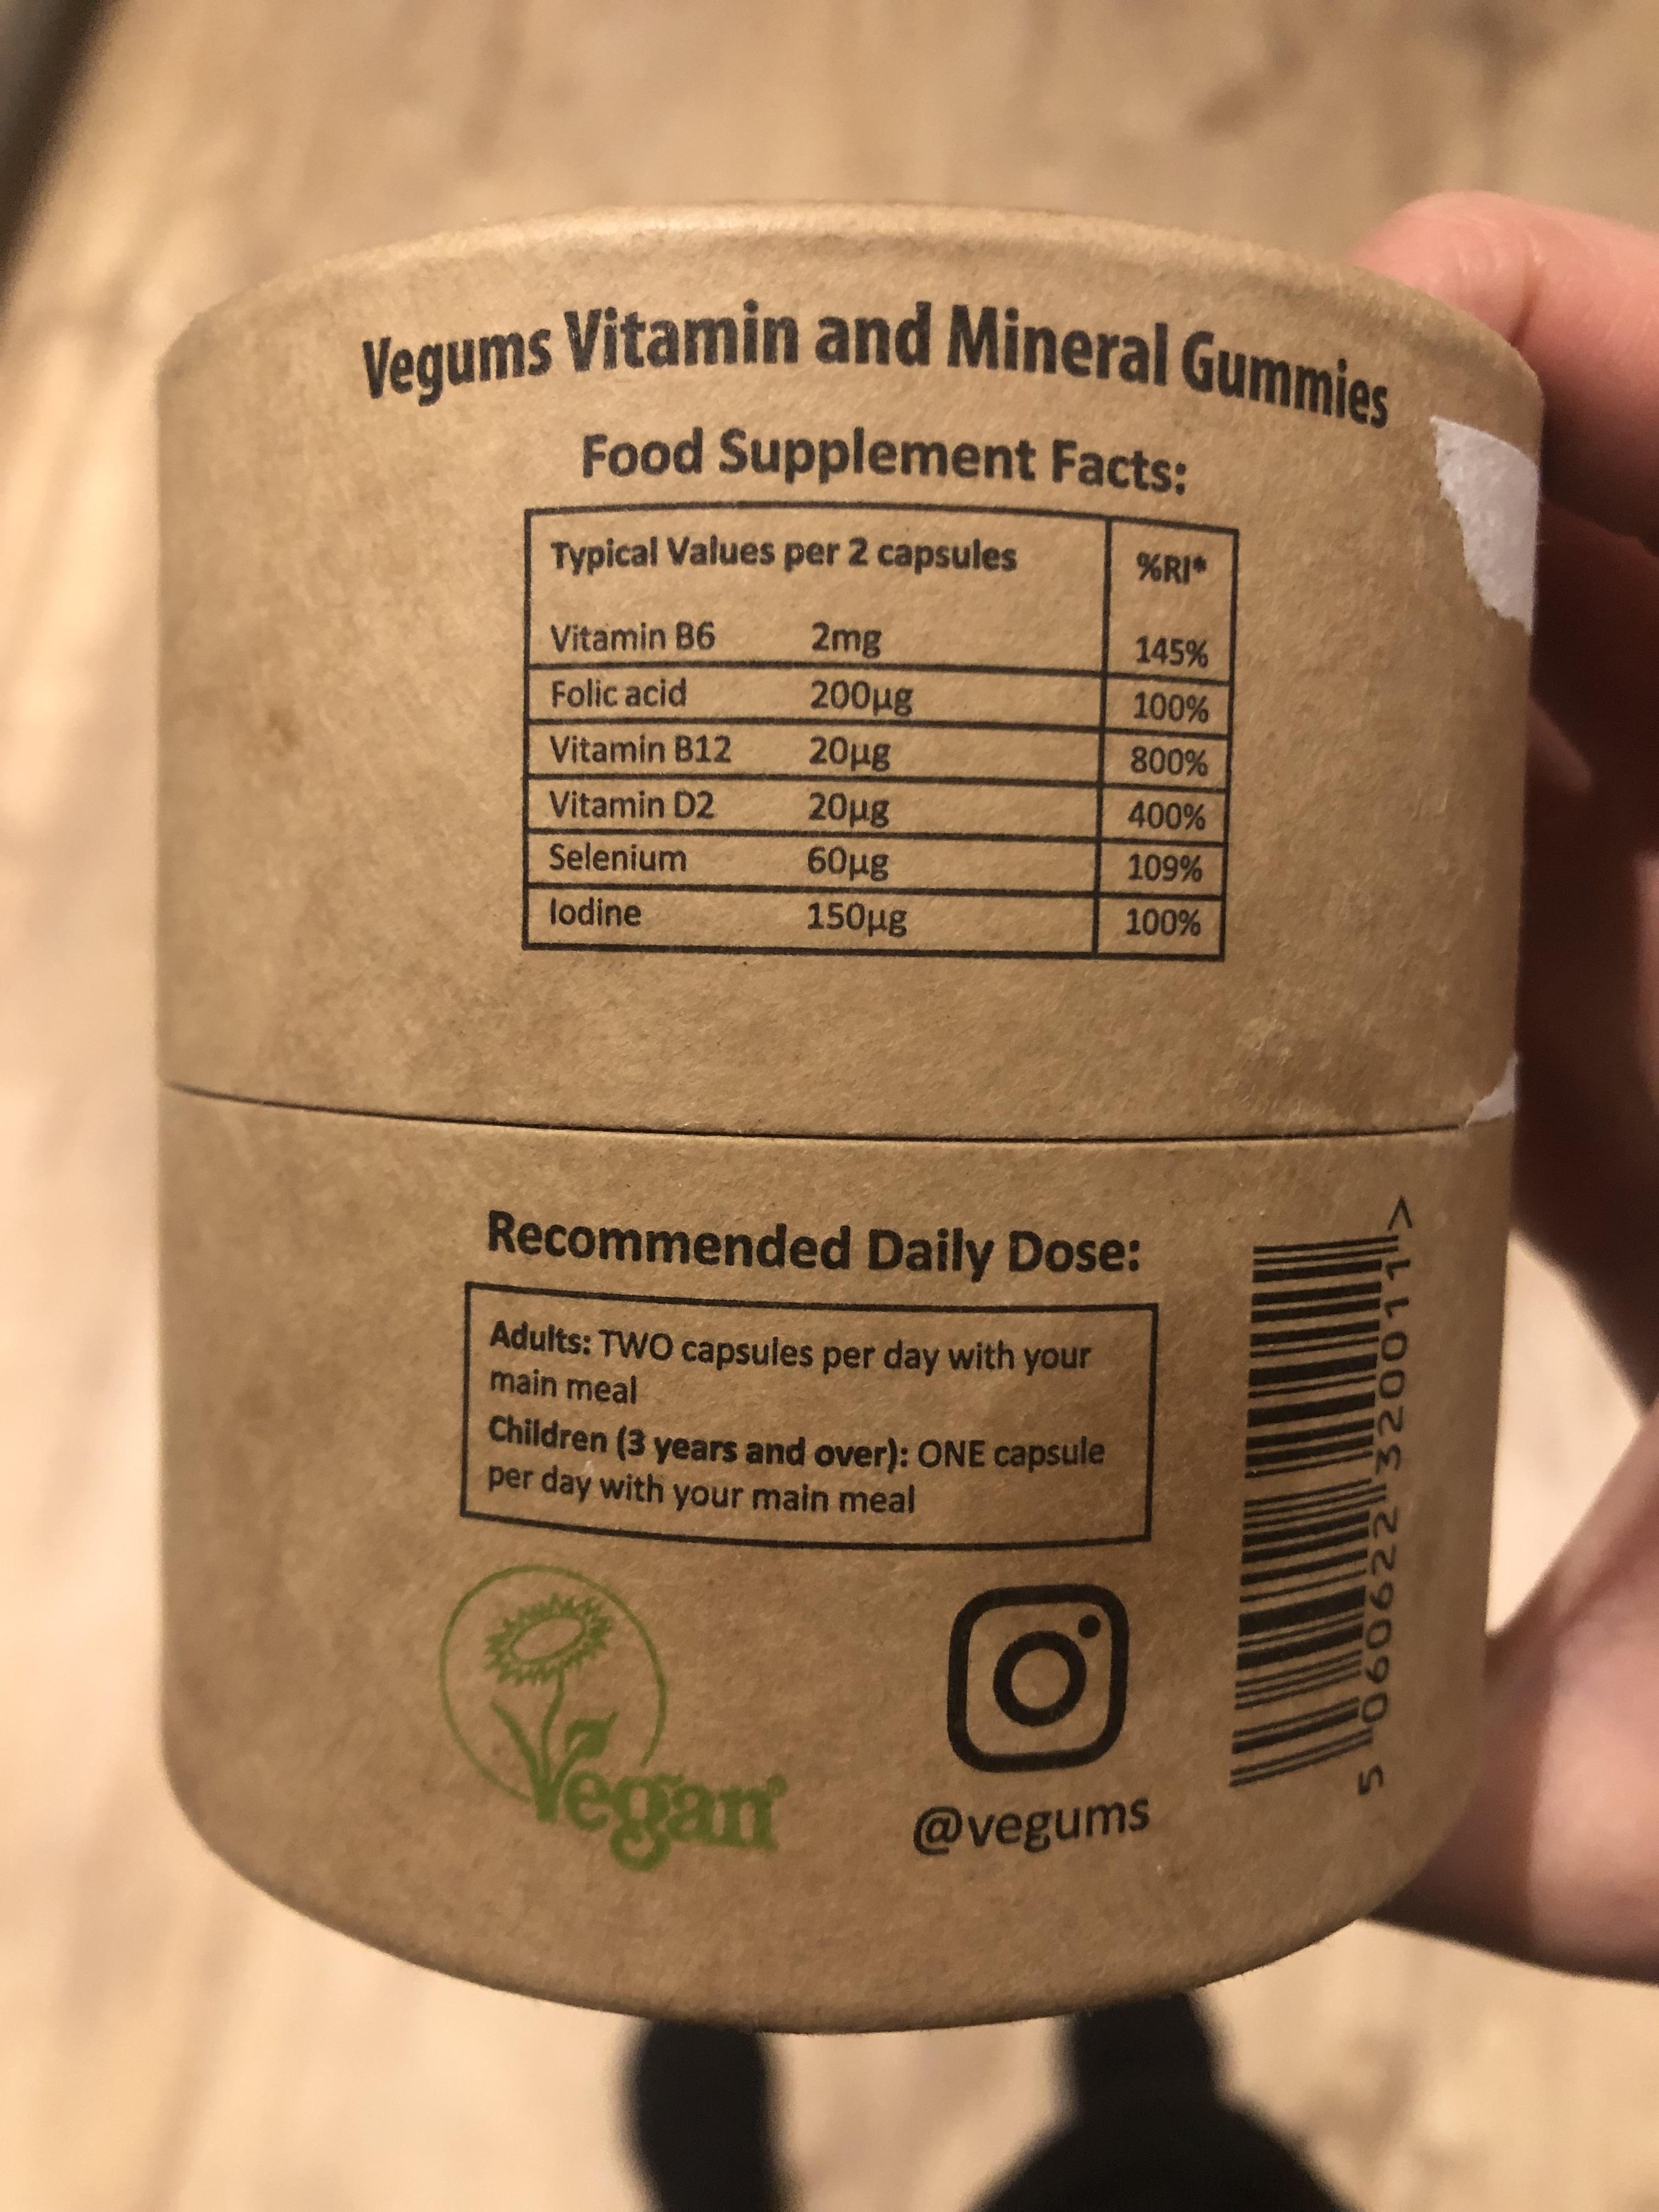 Vegums nutrition